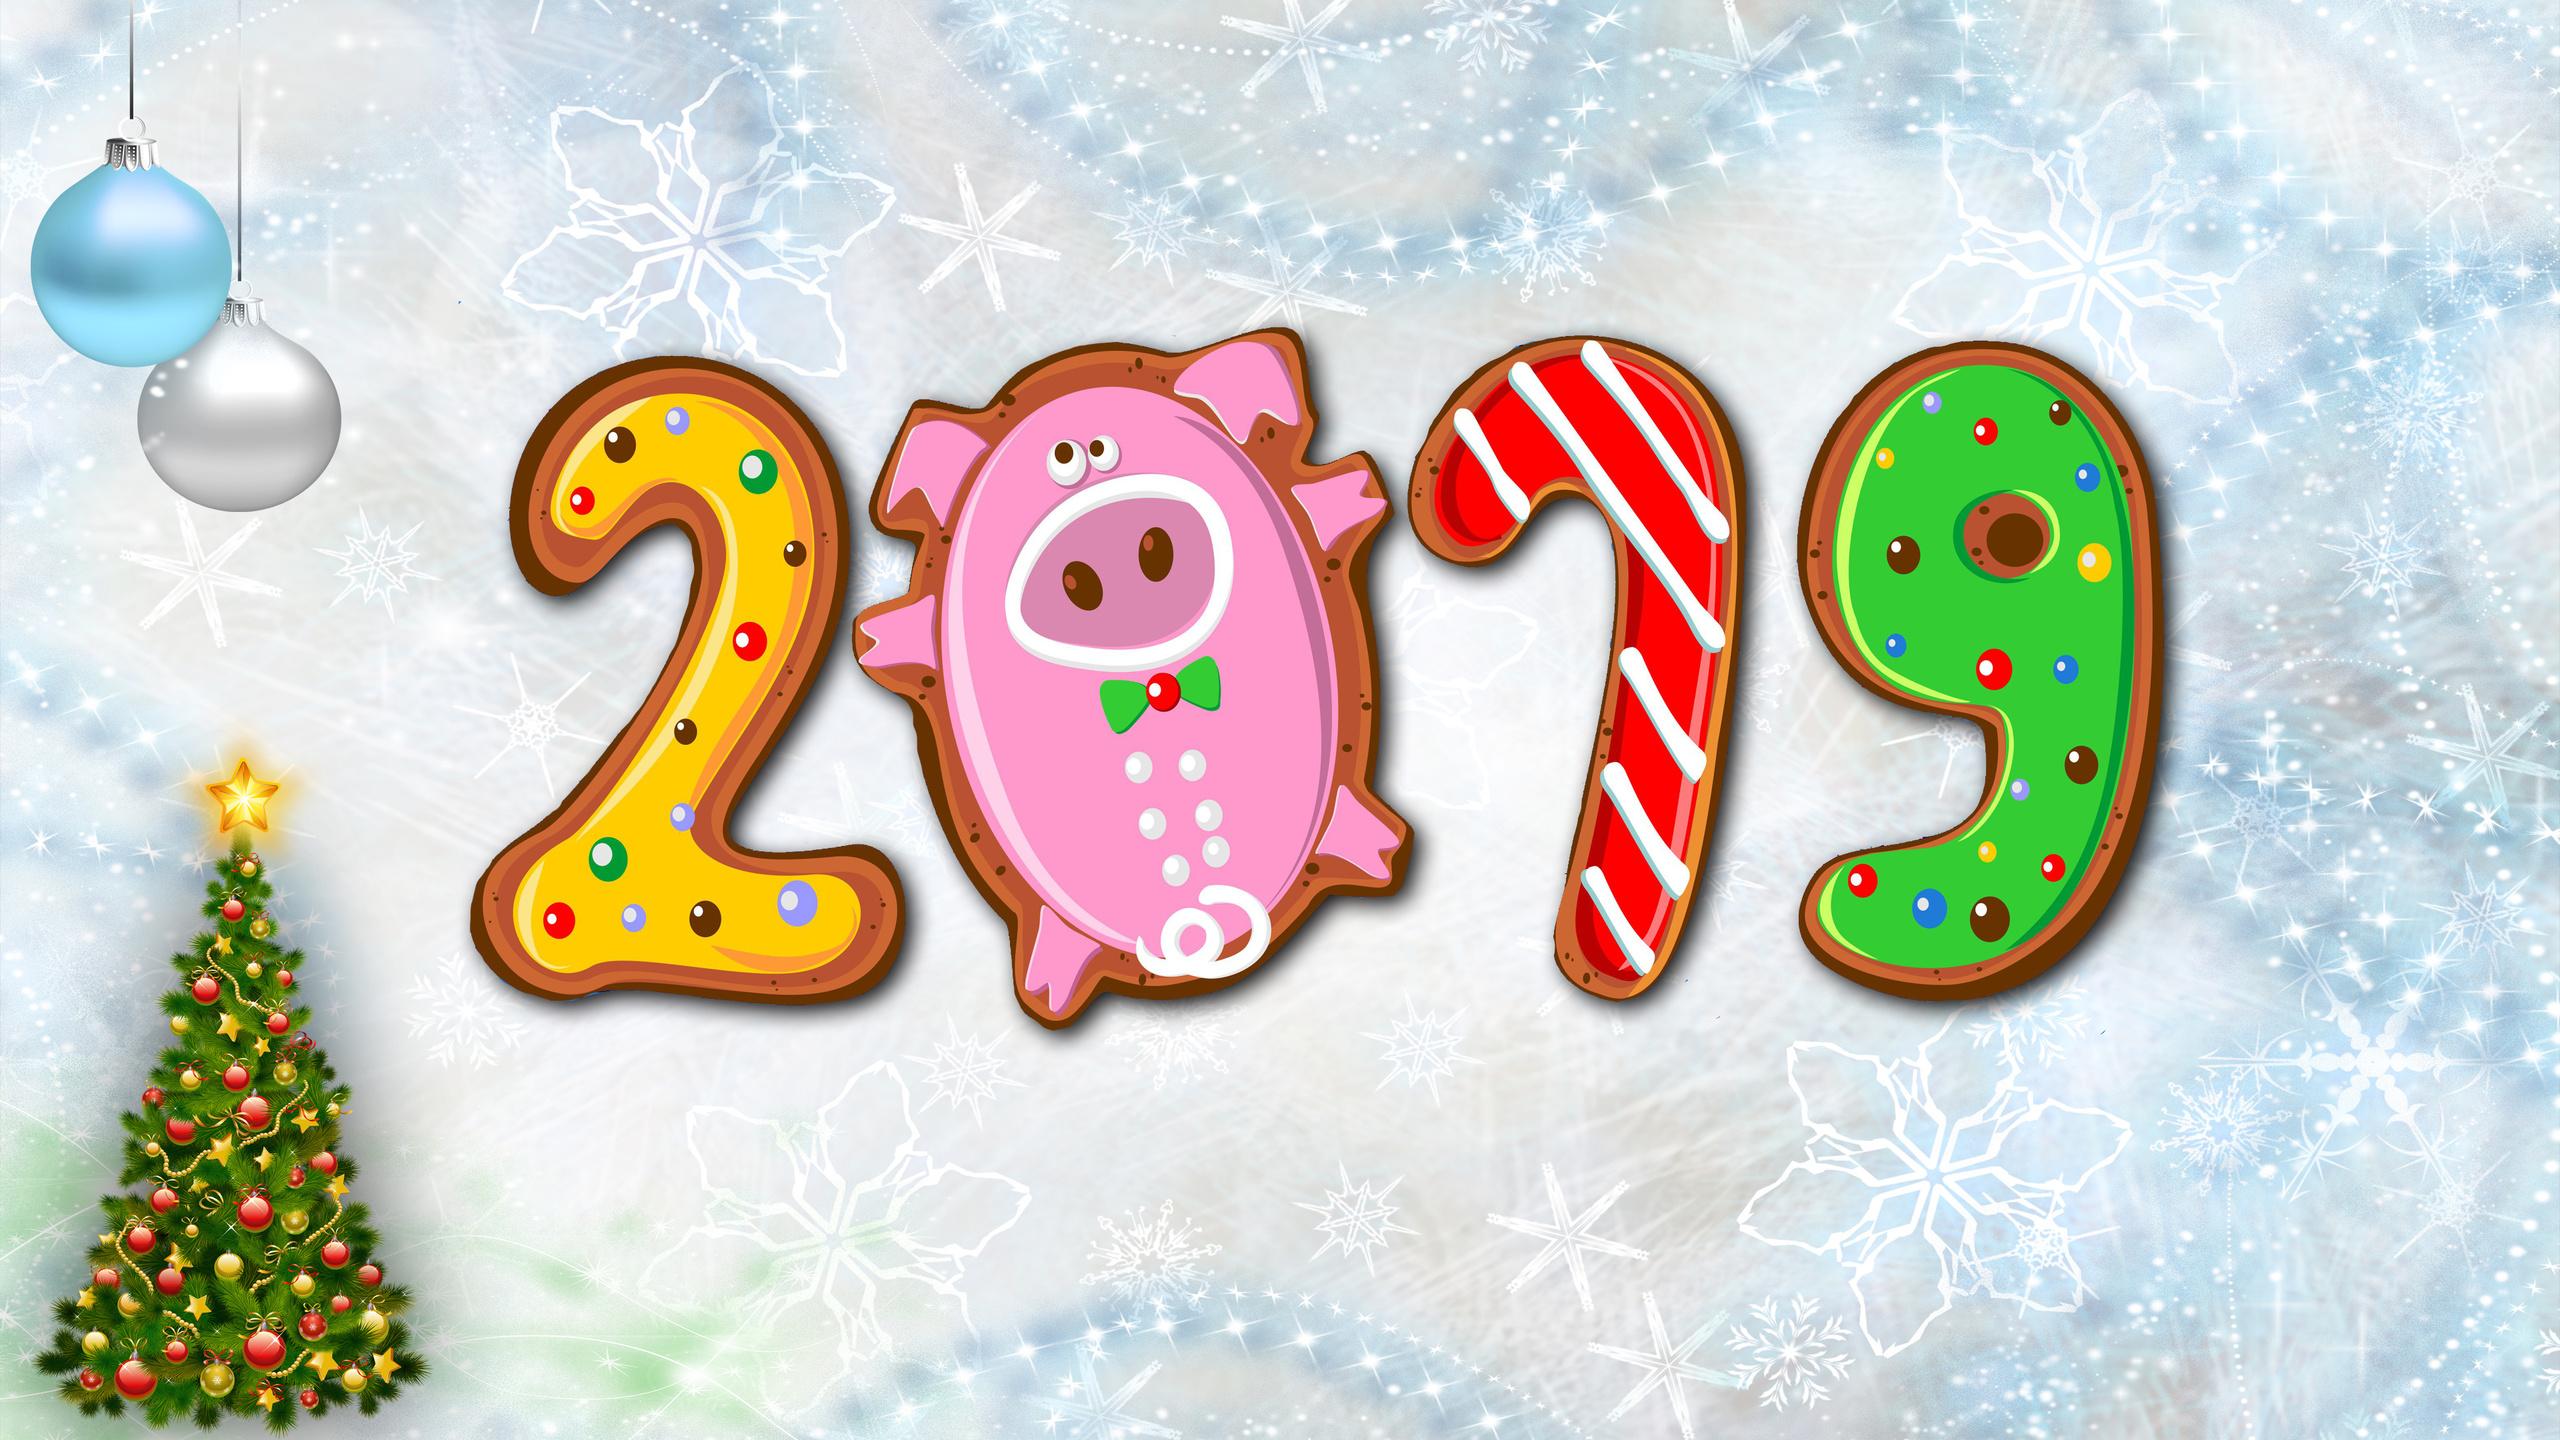 Получил права, чудесного нового года картинки 2019